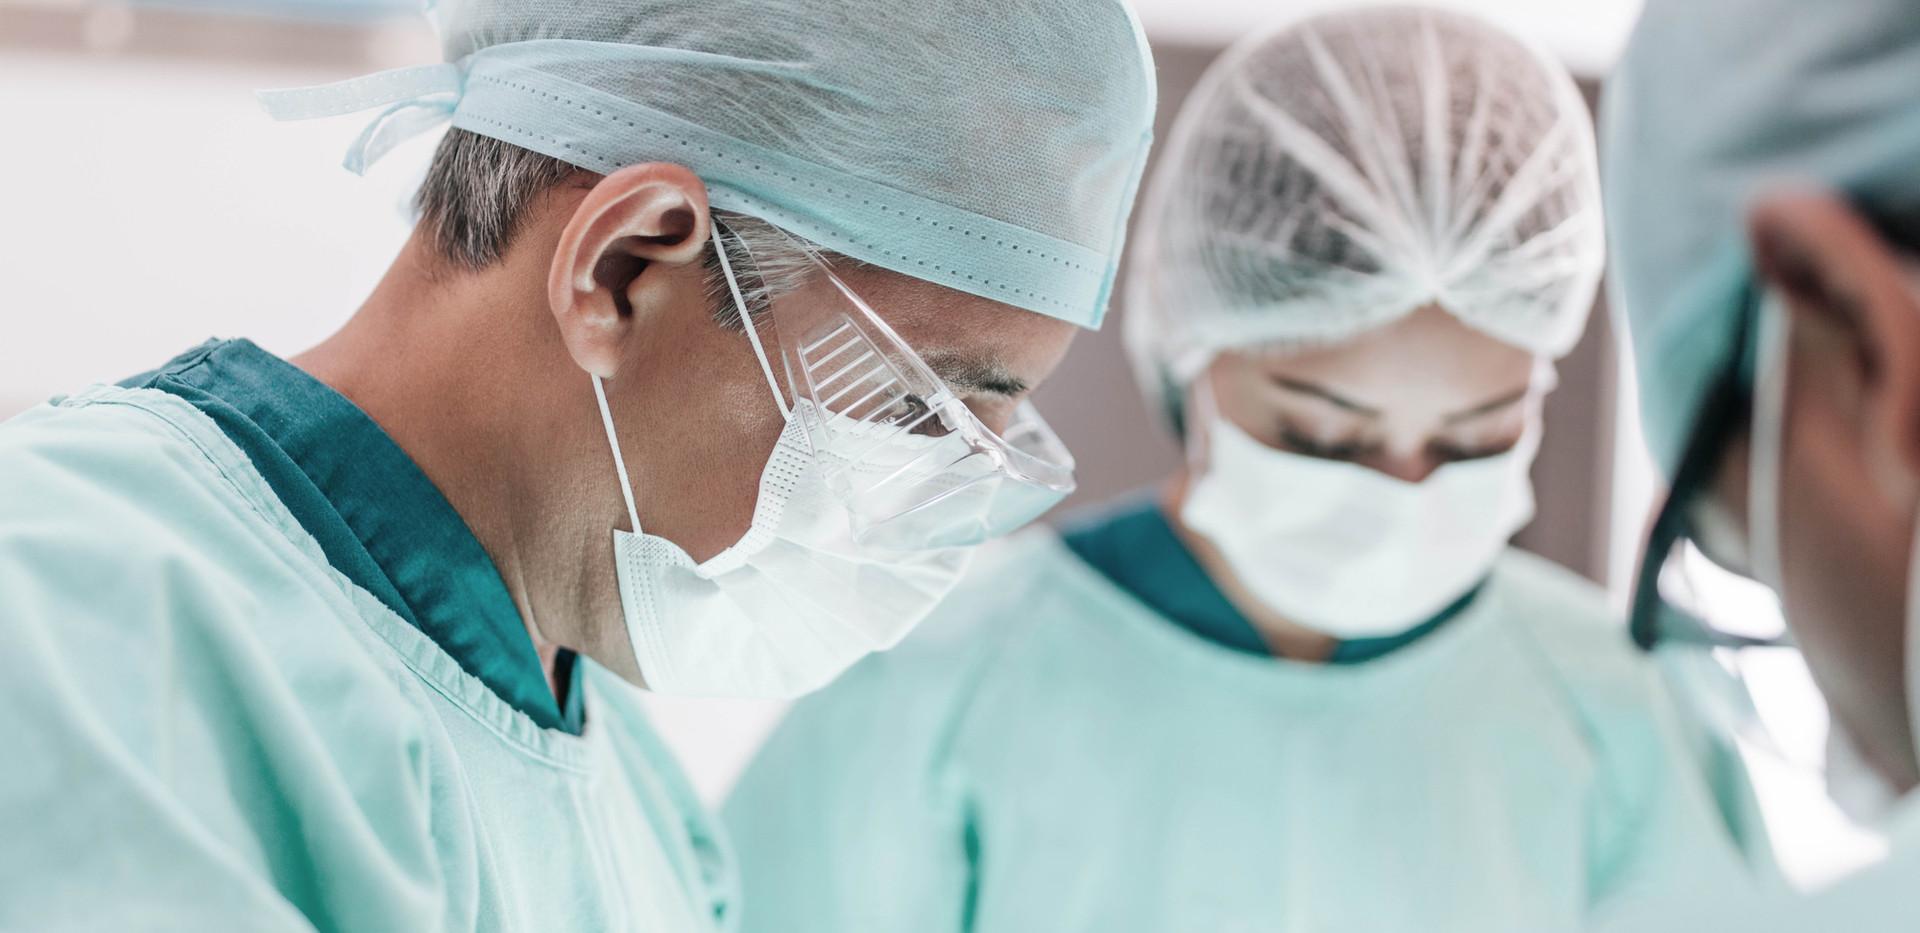 Cirurgiões durante a operação